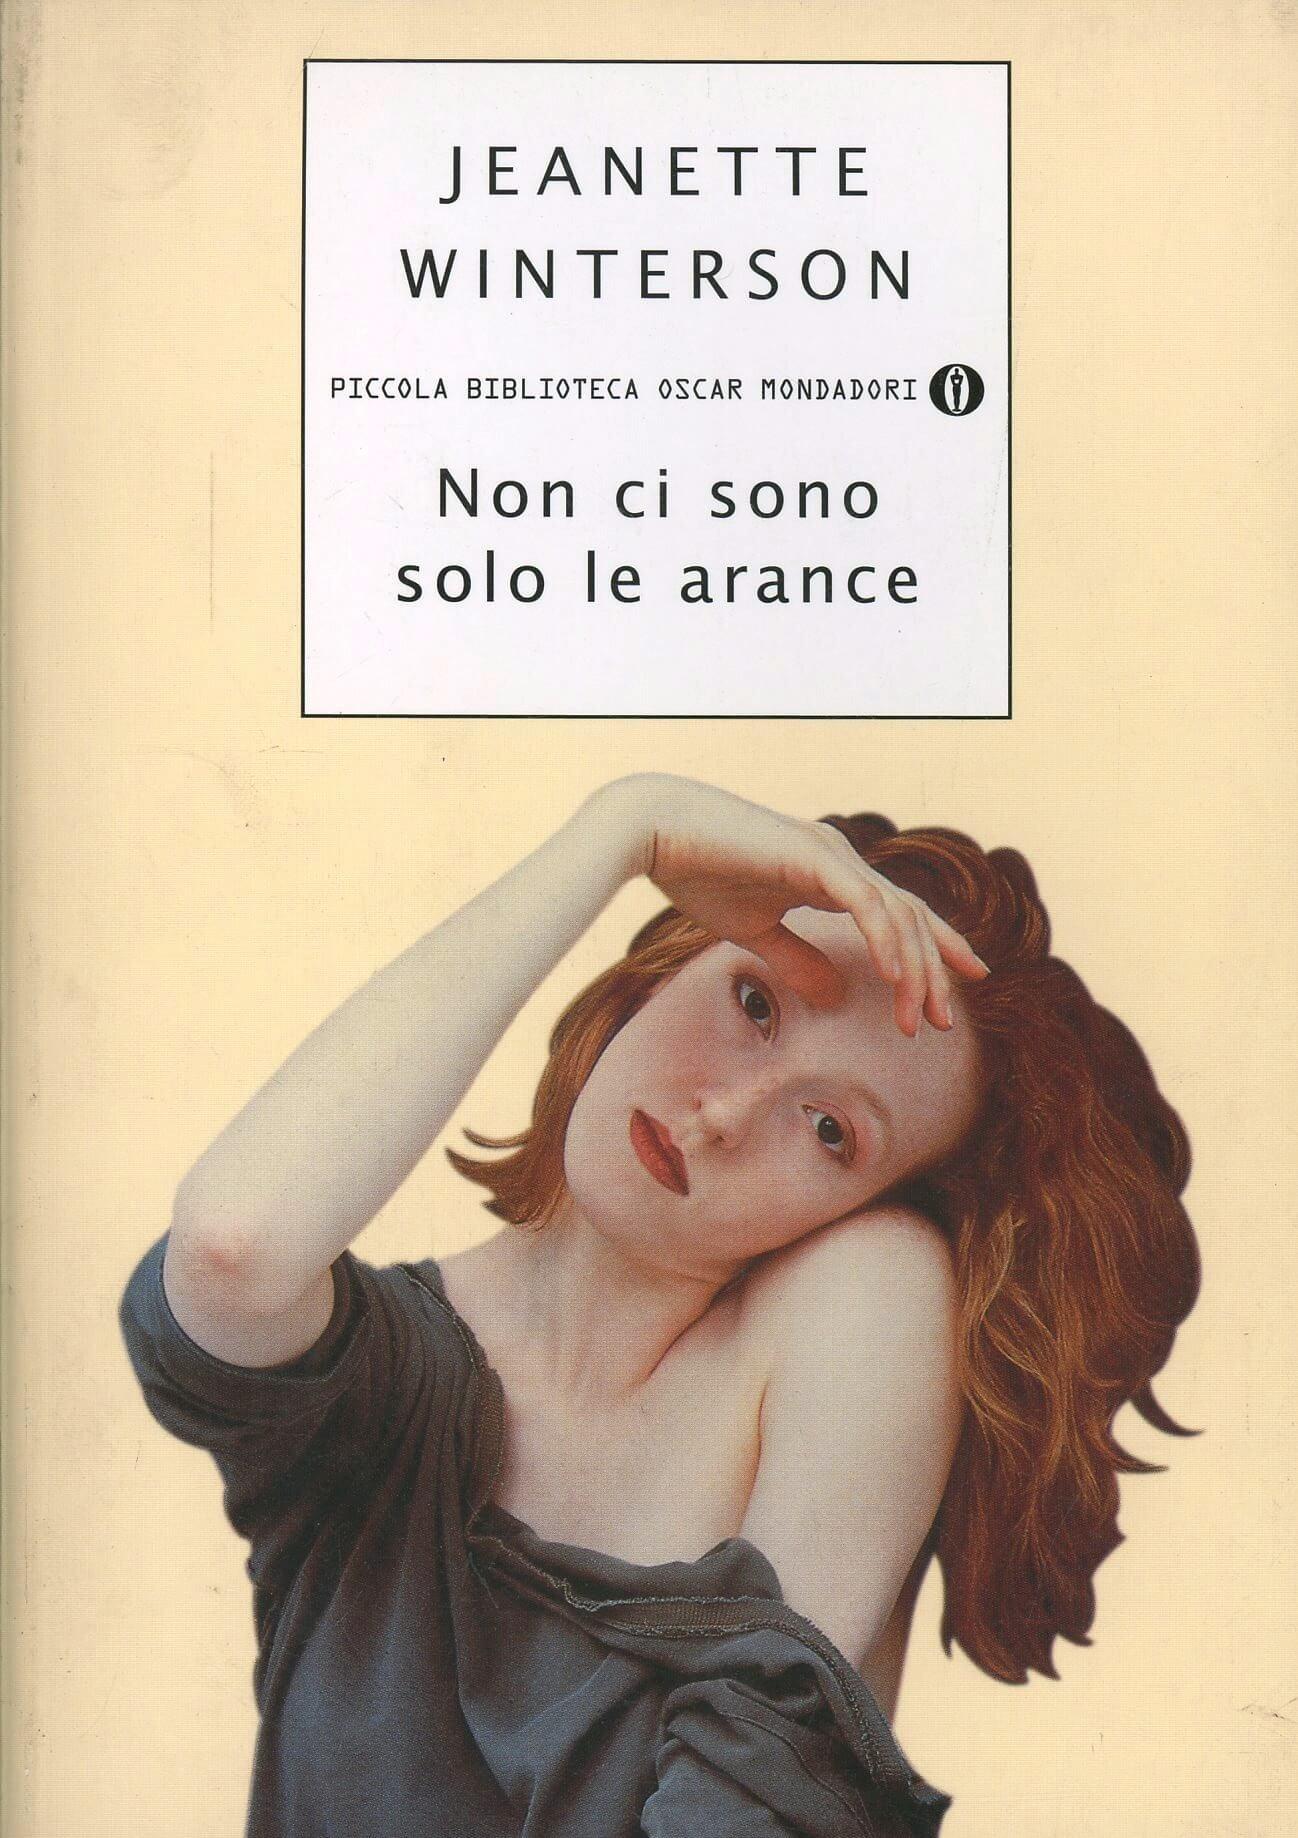 Jeanette Winterson - Non ci sono solo le arance